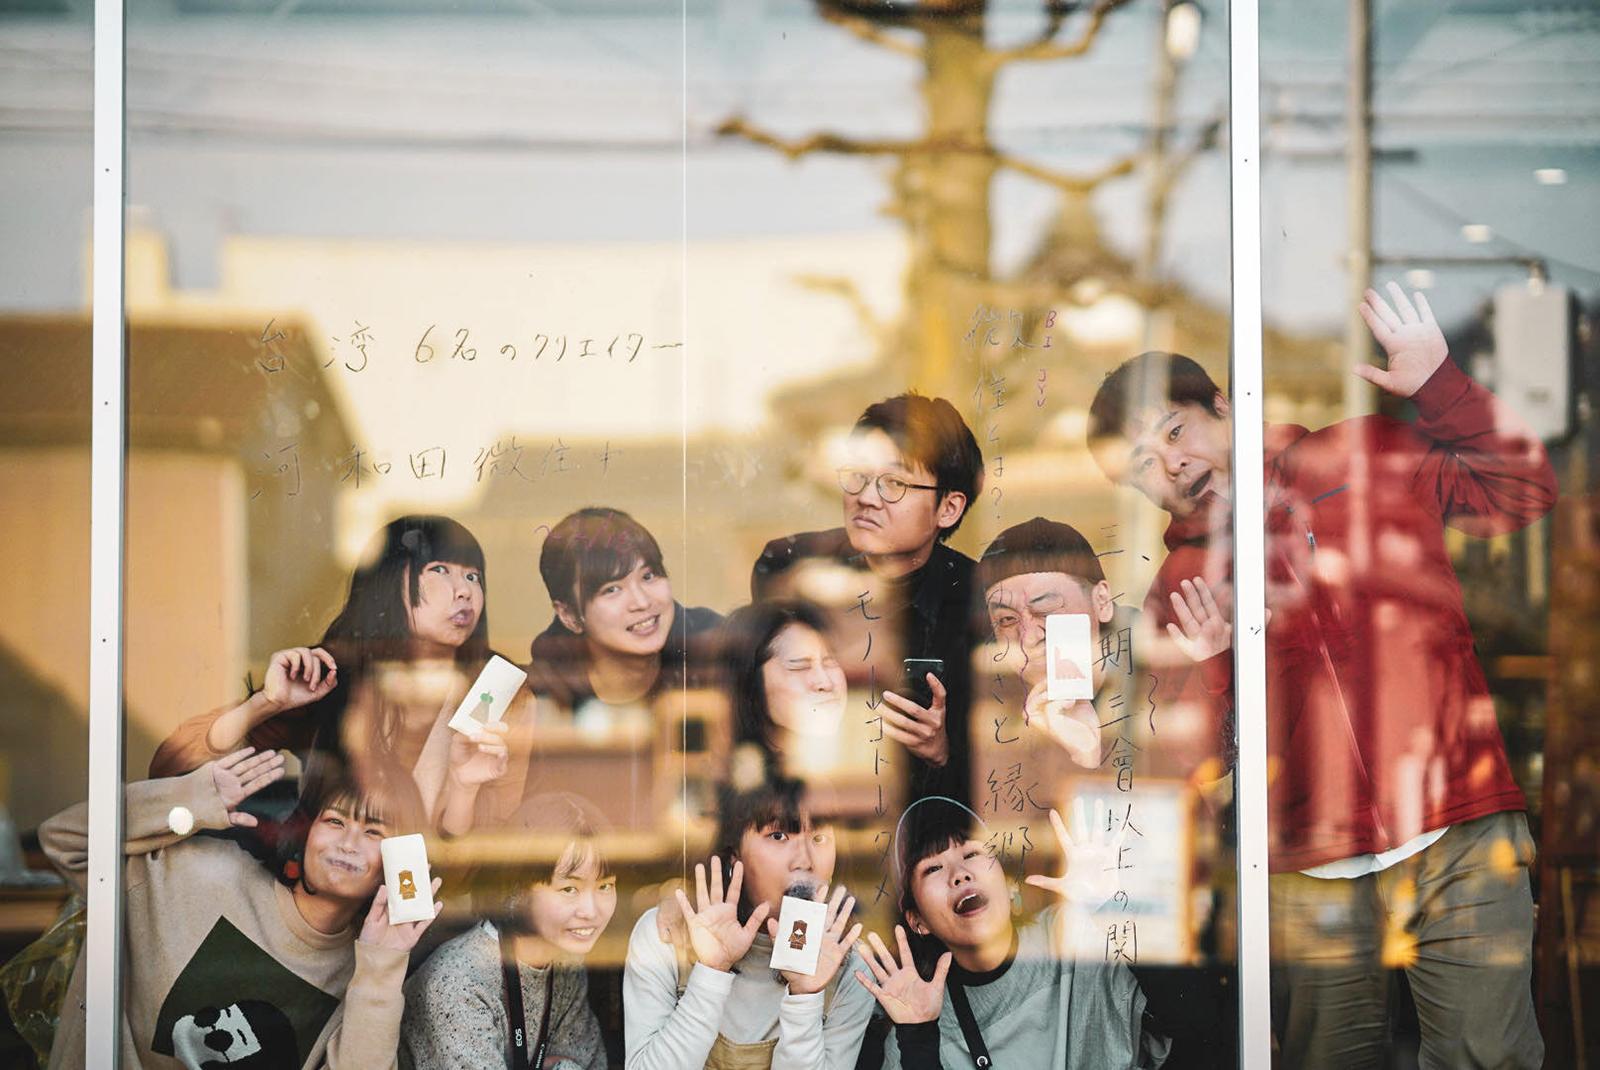 微住者たちもお互い「はじめまして」ばかり。微住後は大阪や京都へ観光に行くそうだ。